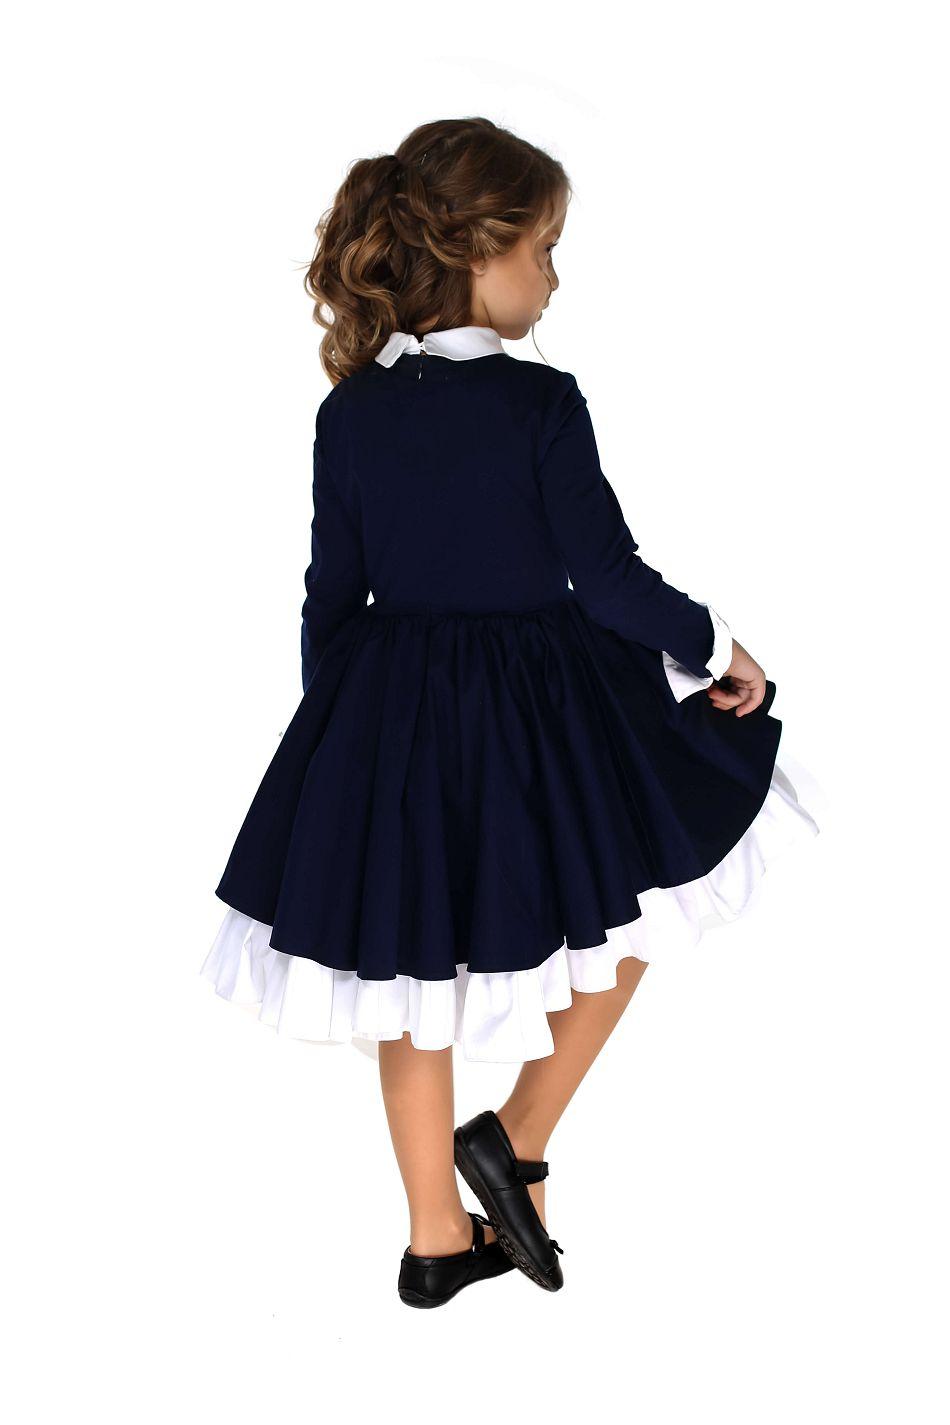 Красивое школьное платье девочке онлайн